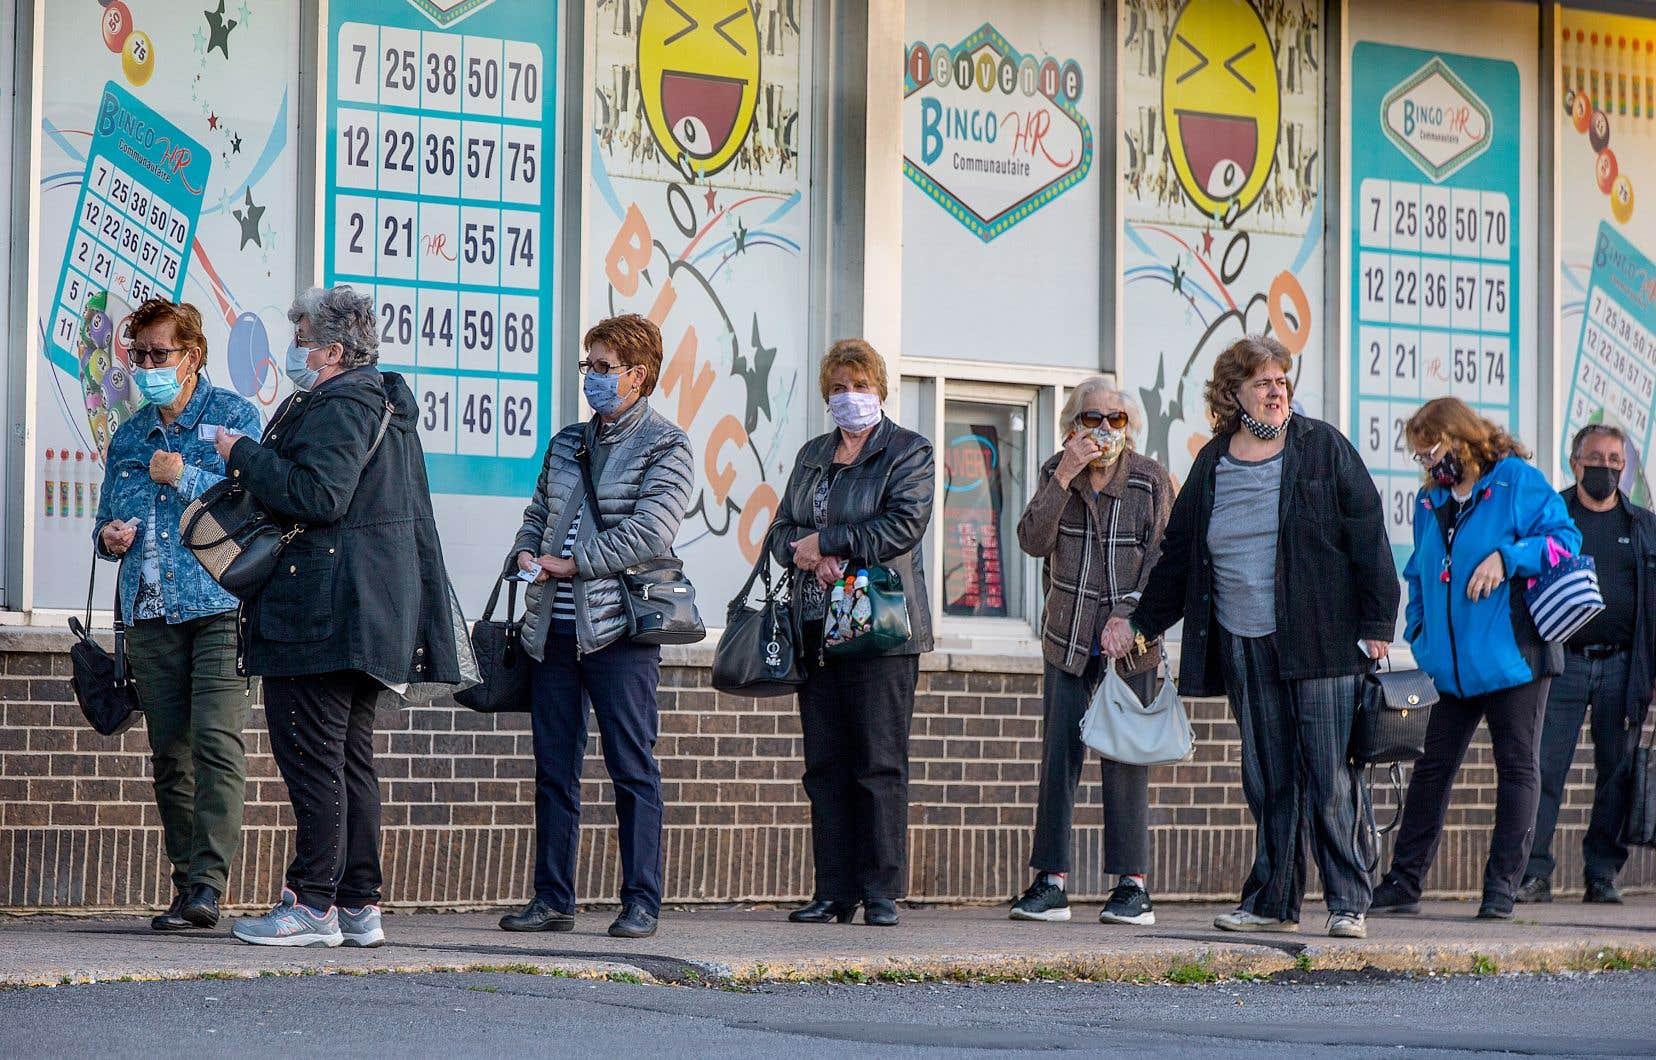 Les amateurs de bingo étaient encore nombreux à faire la file en attendant qu'on ouvre les portes pour une autre soirée de bingo. Mais les joueurs n'ont guère eu le temps de remplir les cartes, les forces policières étant intervenues au nom de la santé publique.